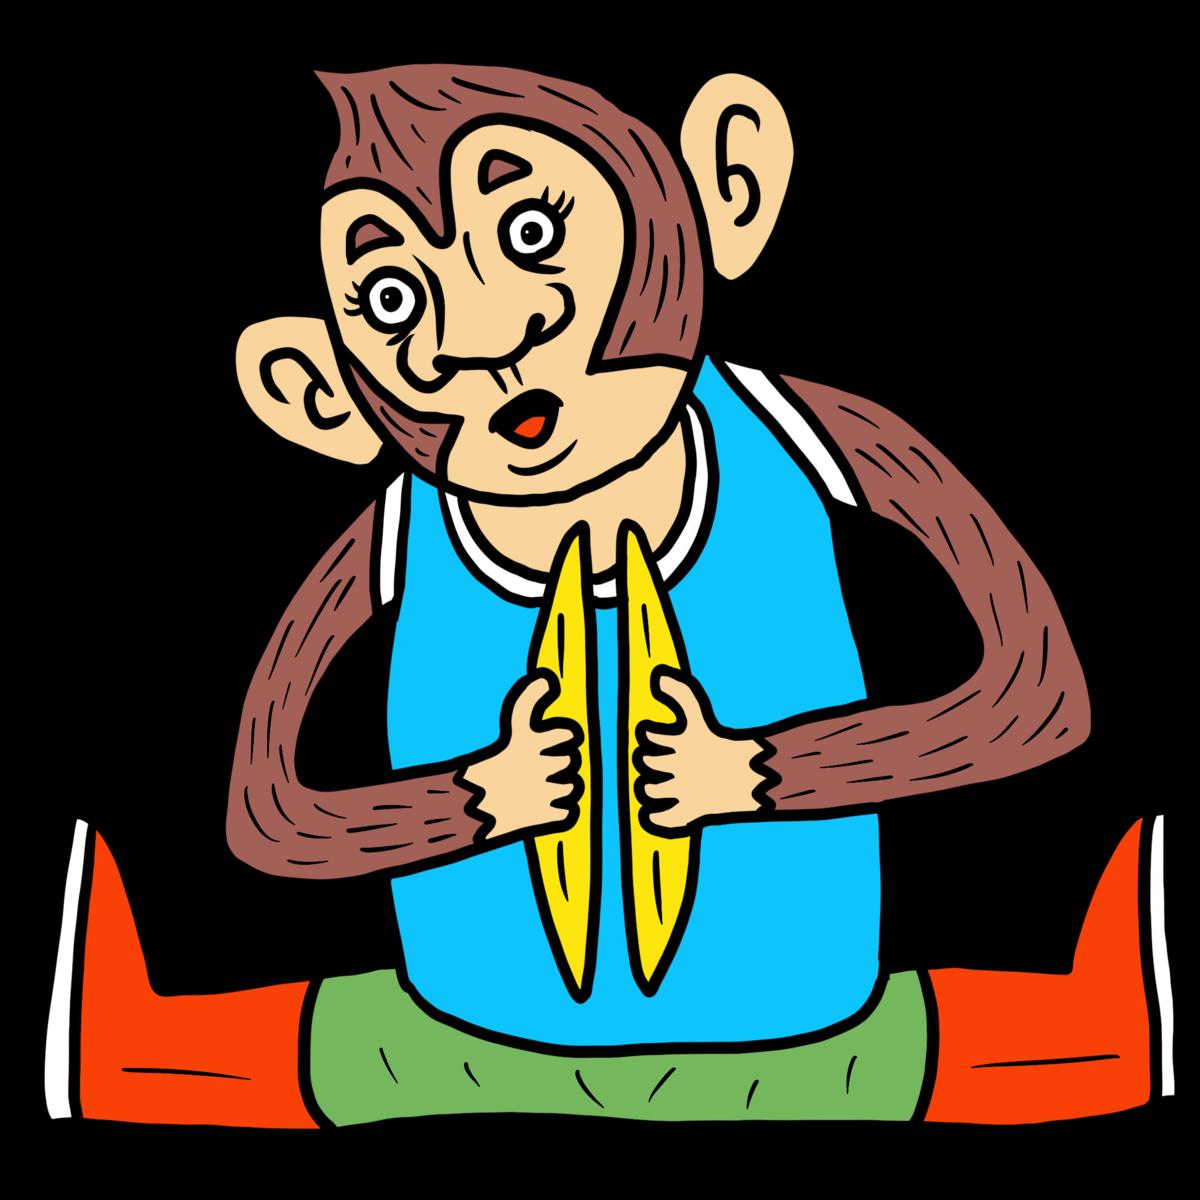 シンバルをガシャンガシャンと鳴らすかわいいおサルのおもちゃ